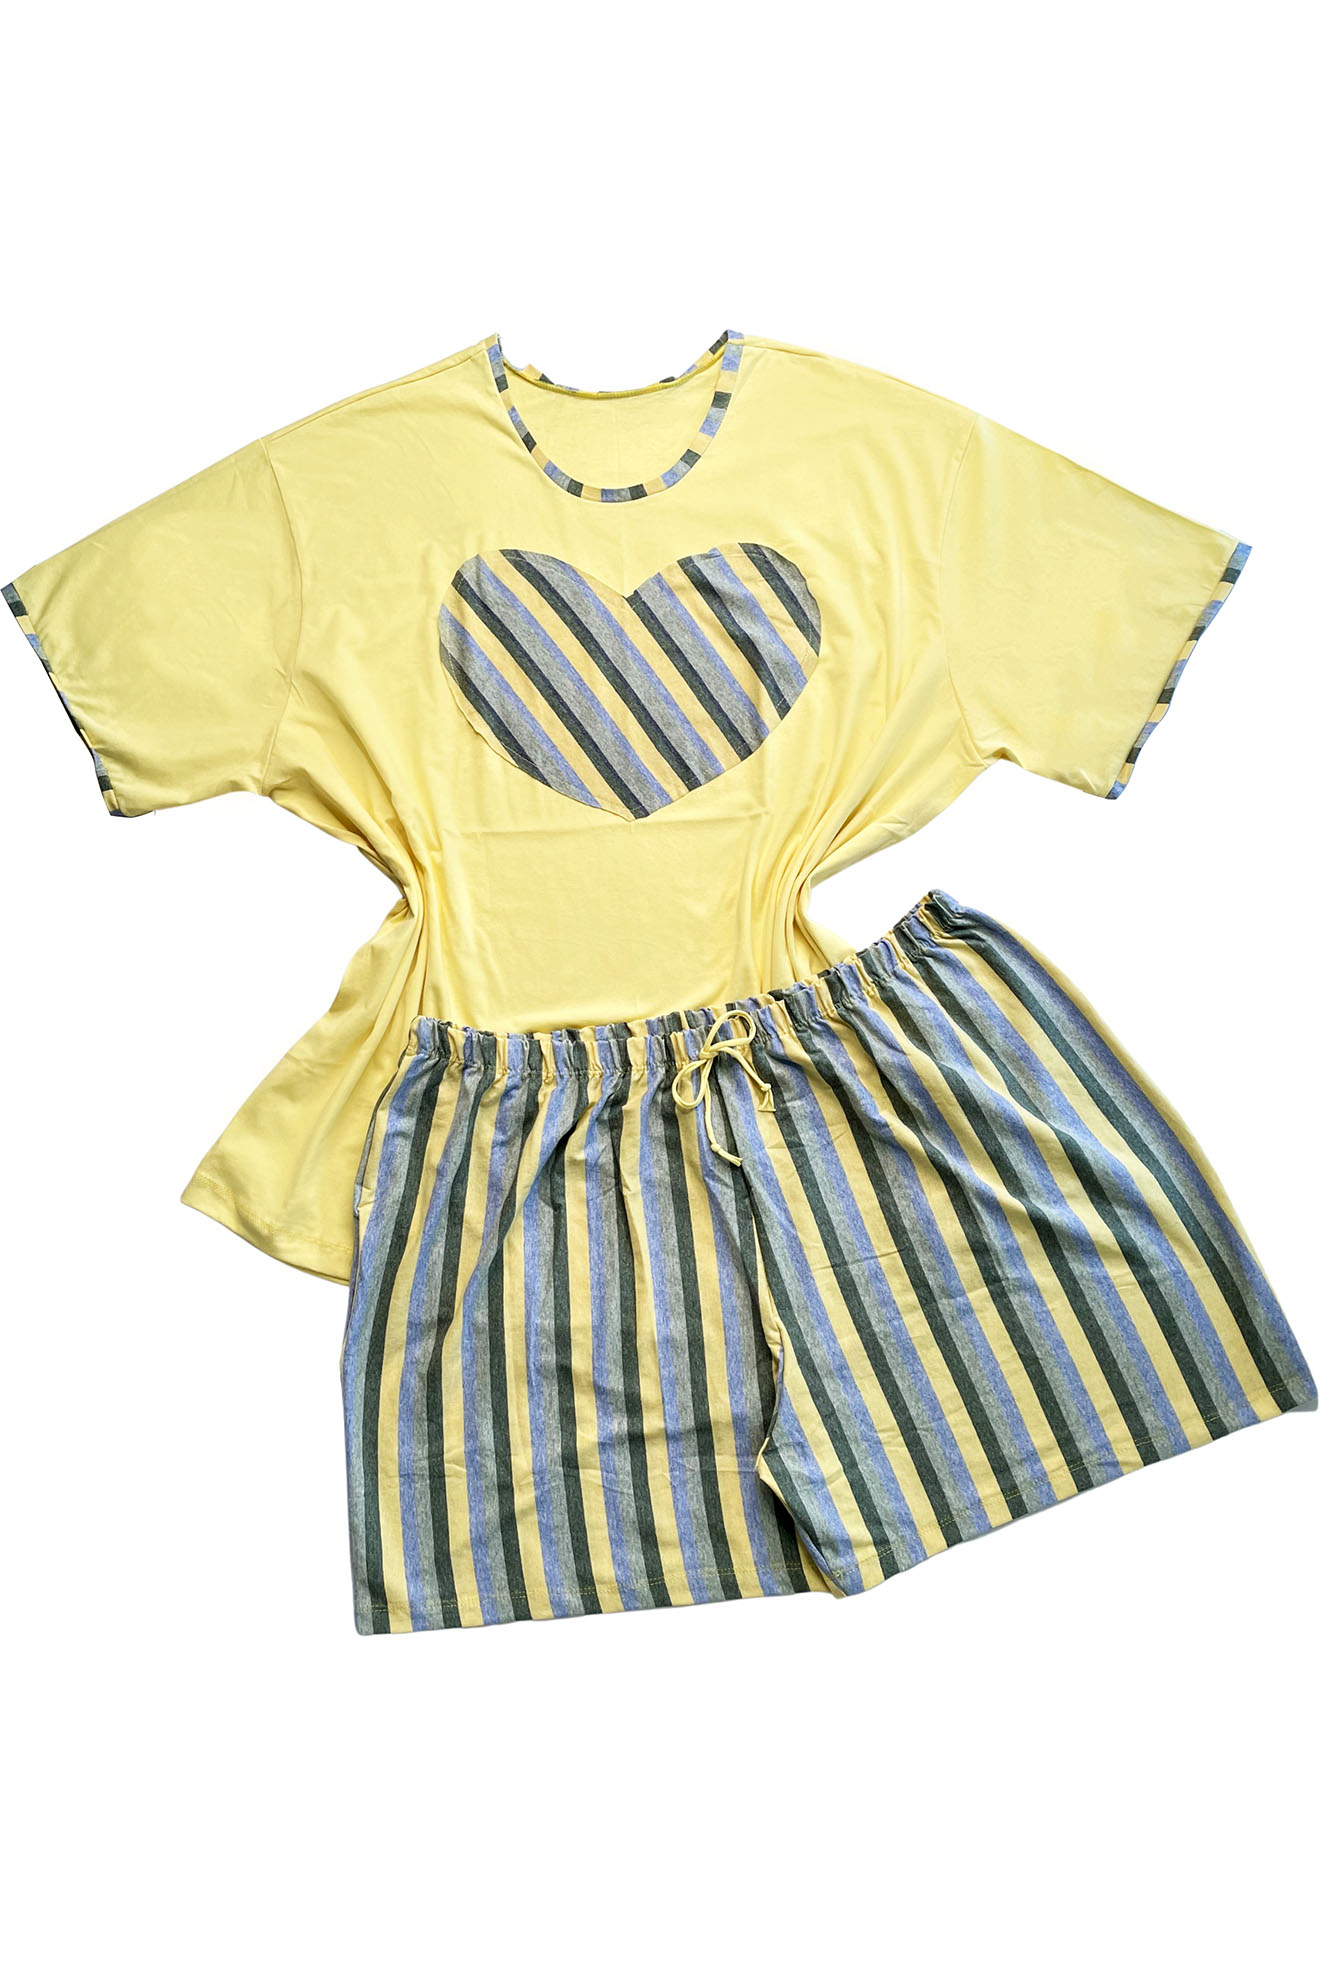 Conjunto Pijama com Aplique Amarelo